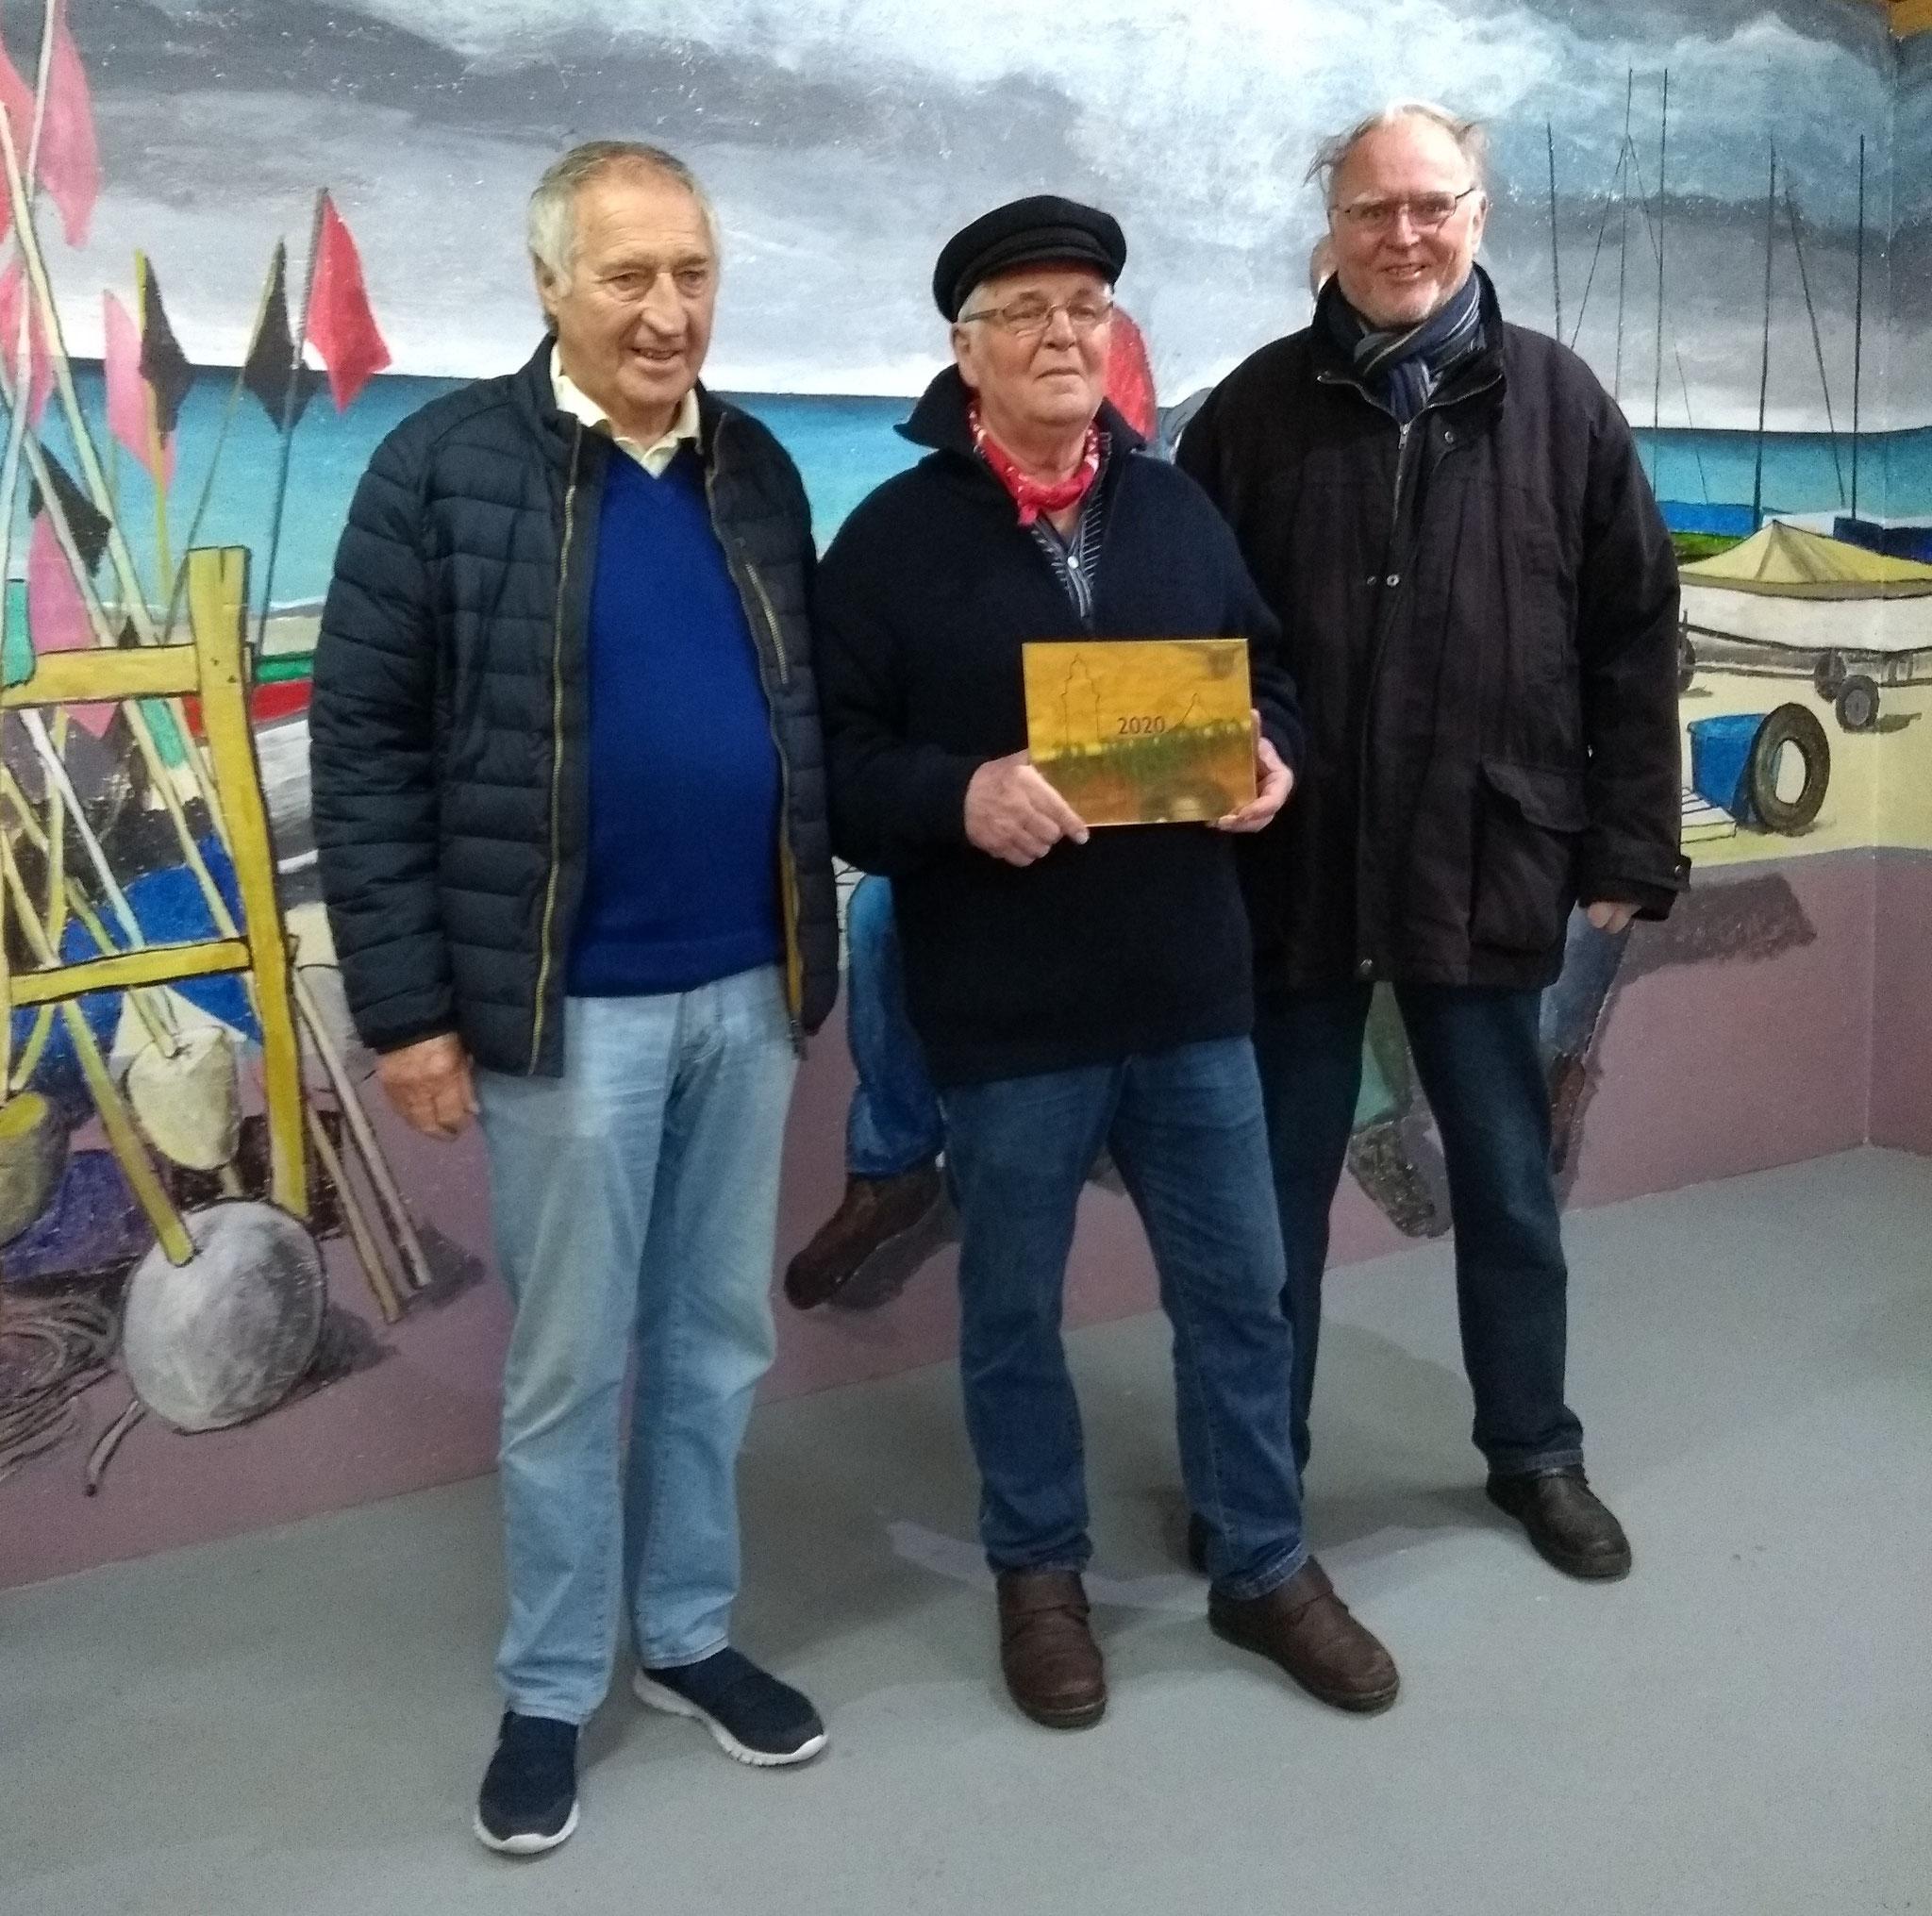 von links: Hans Jörgen Prühs, Fischerjunge und HuK Vorstandsmitglied, Rudi Höppner und J. Möller